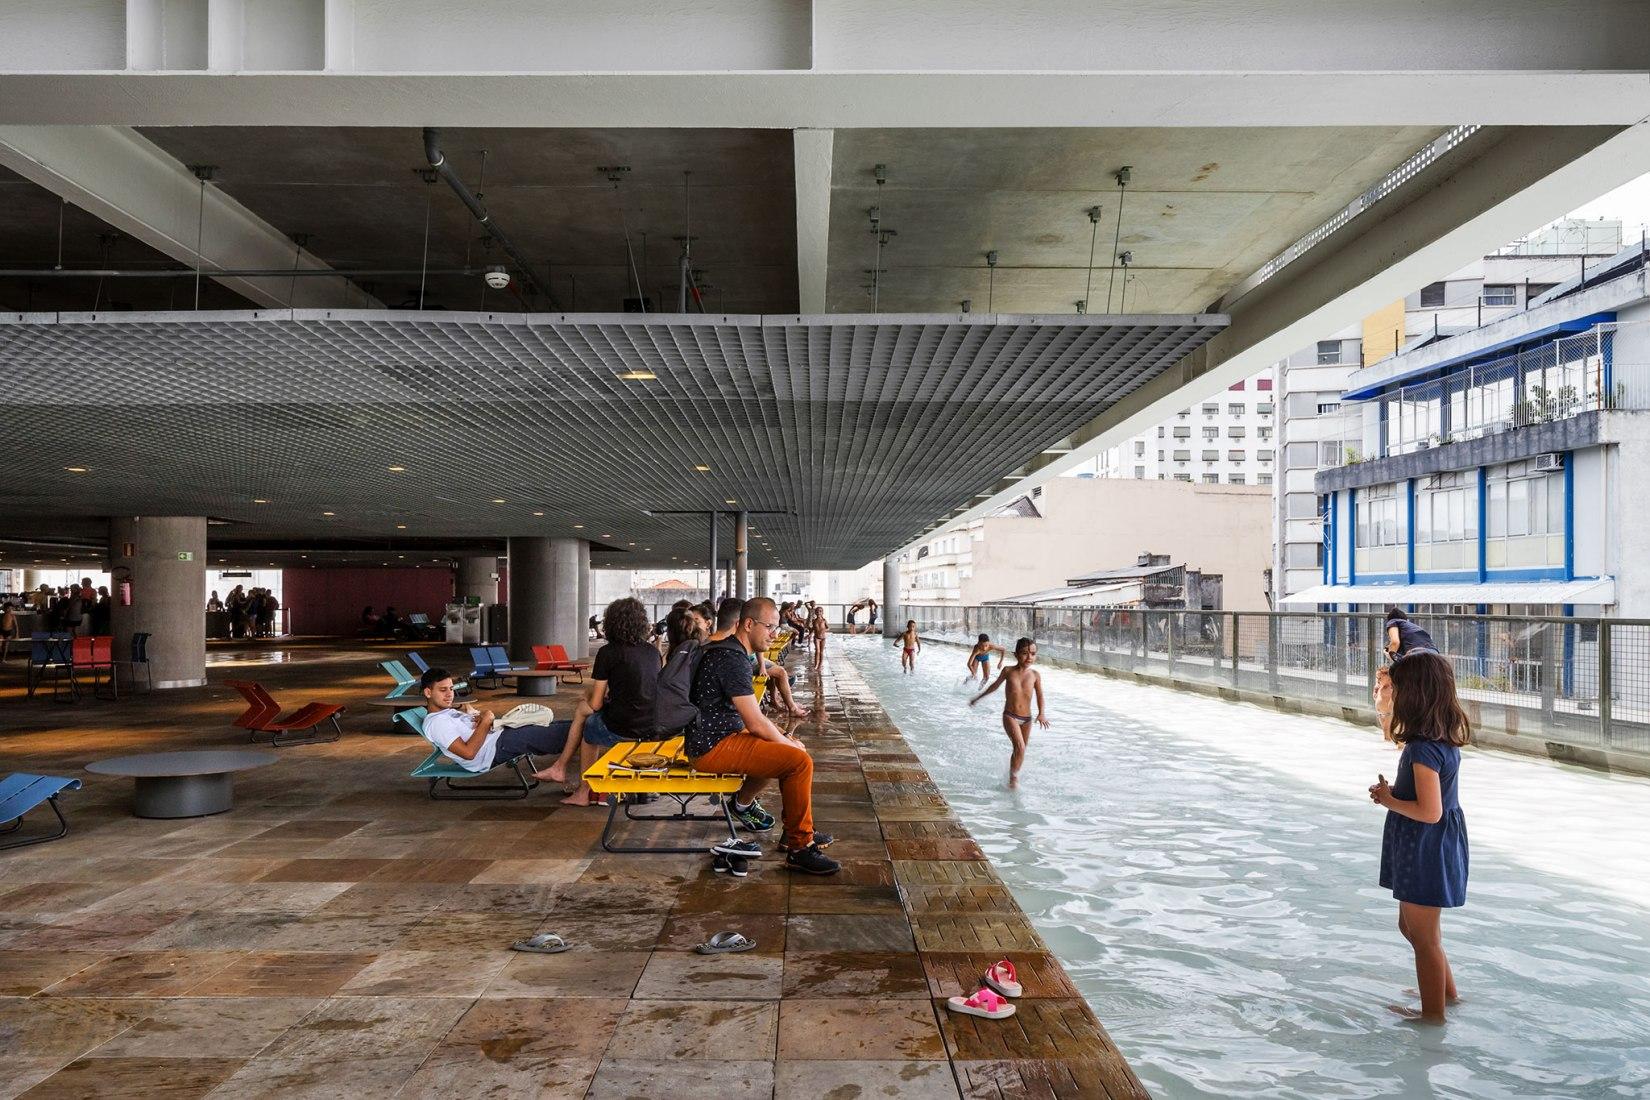 Sesc 24 De Maio, Paulo Mendes Da Rocha + Mmbb Arquitetos, Brasil. Fotografía por Ana Mello